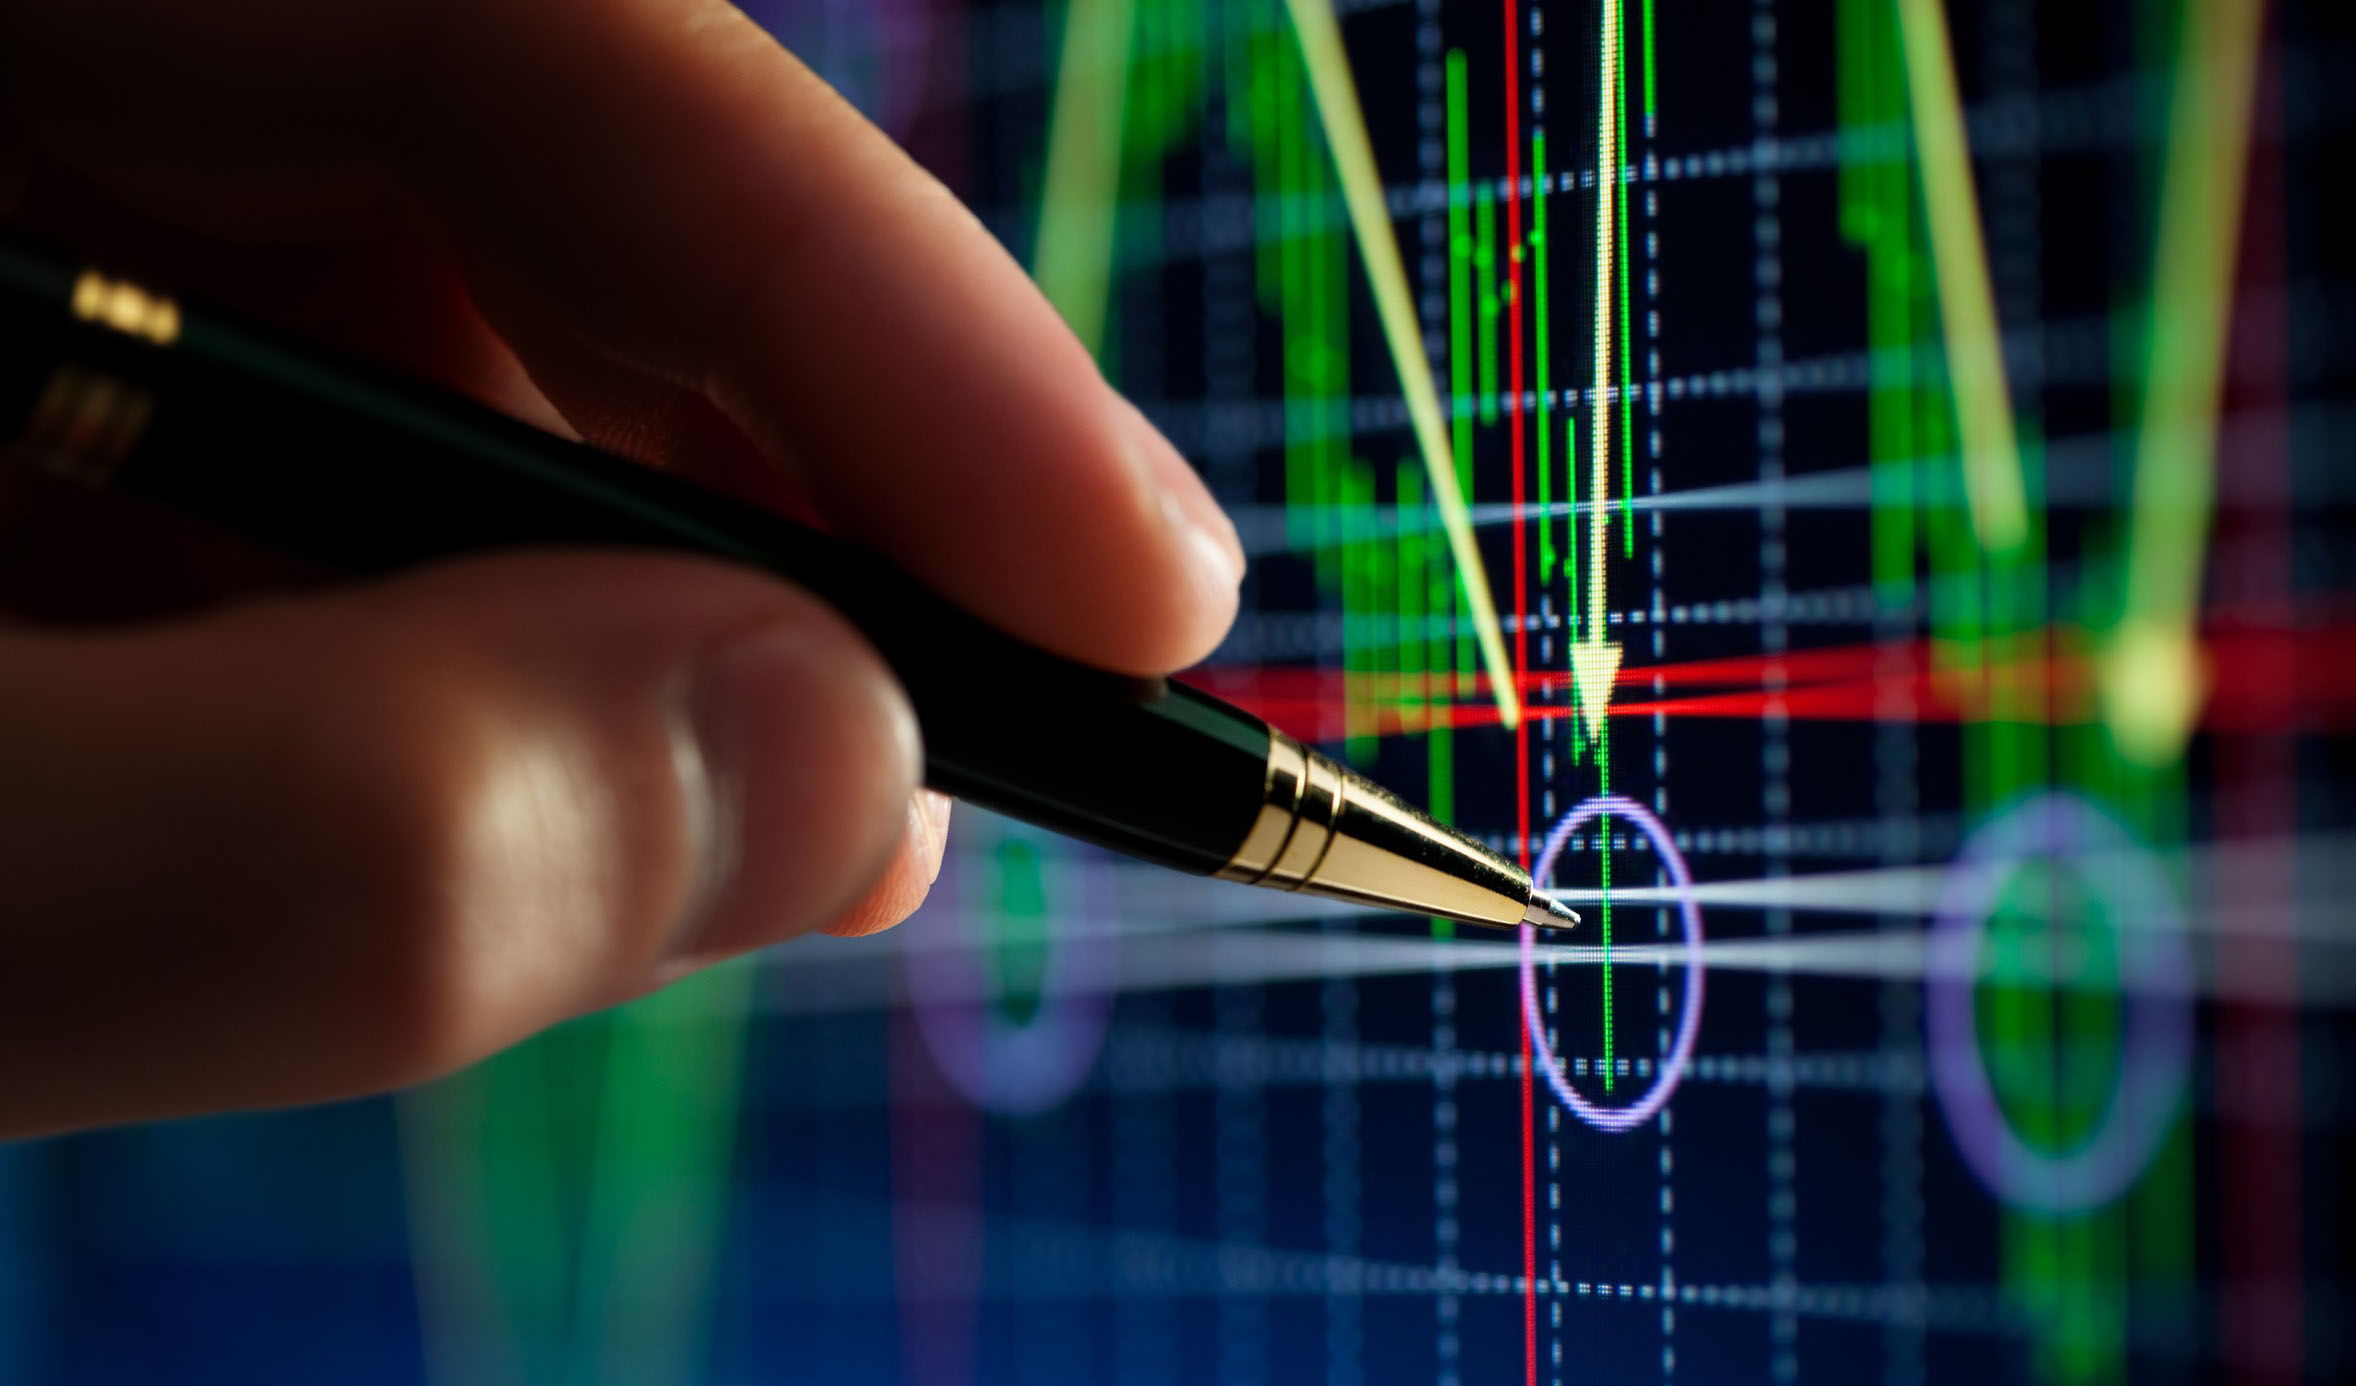 آغاز پذیرهنویسی دومین صندوق سرمایهگذاری از ۱۷ آذر